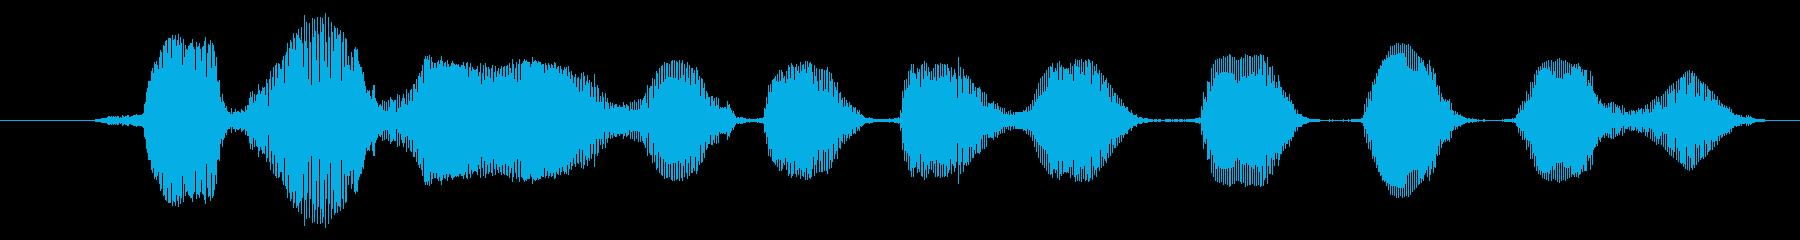 鳴き声 ゴブリンの笑い05の再生済みの波形